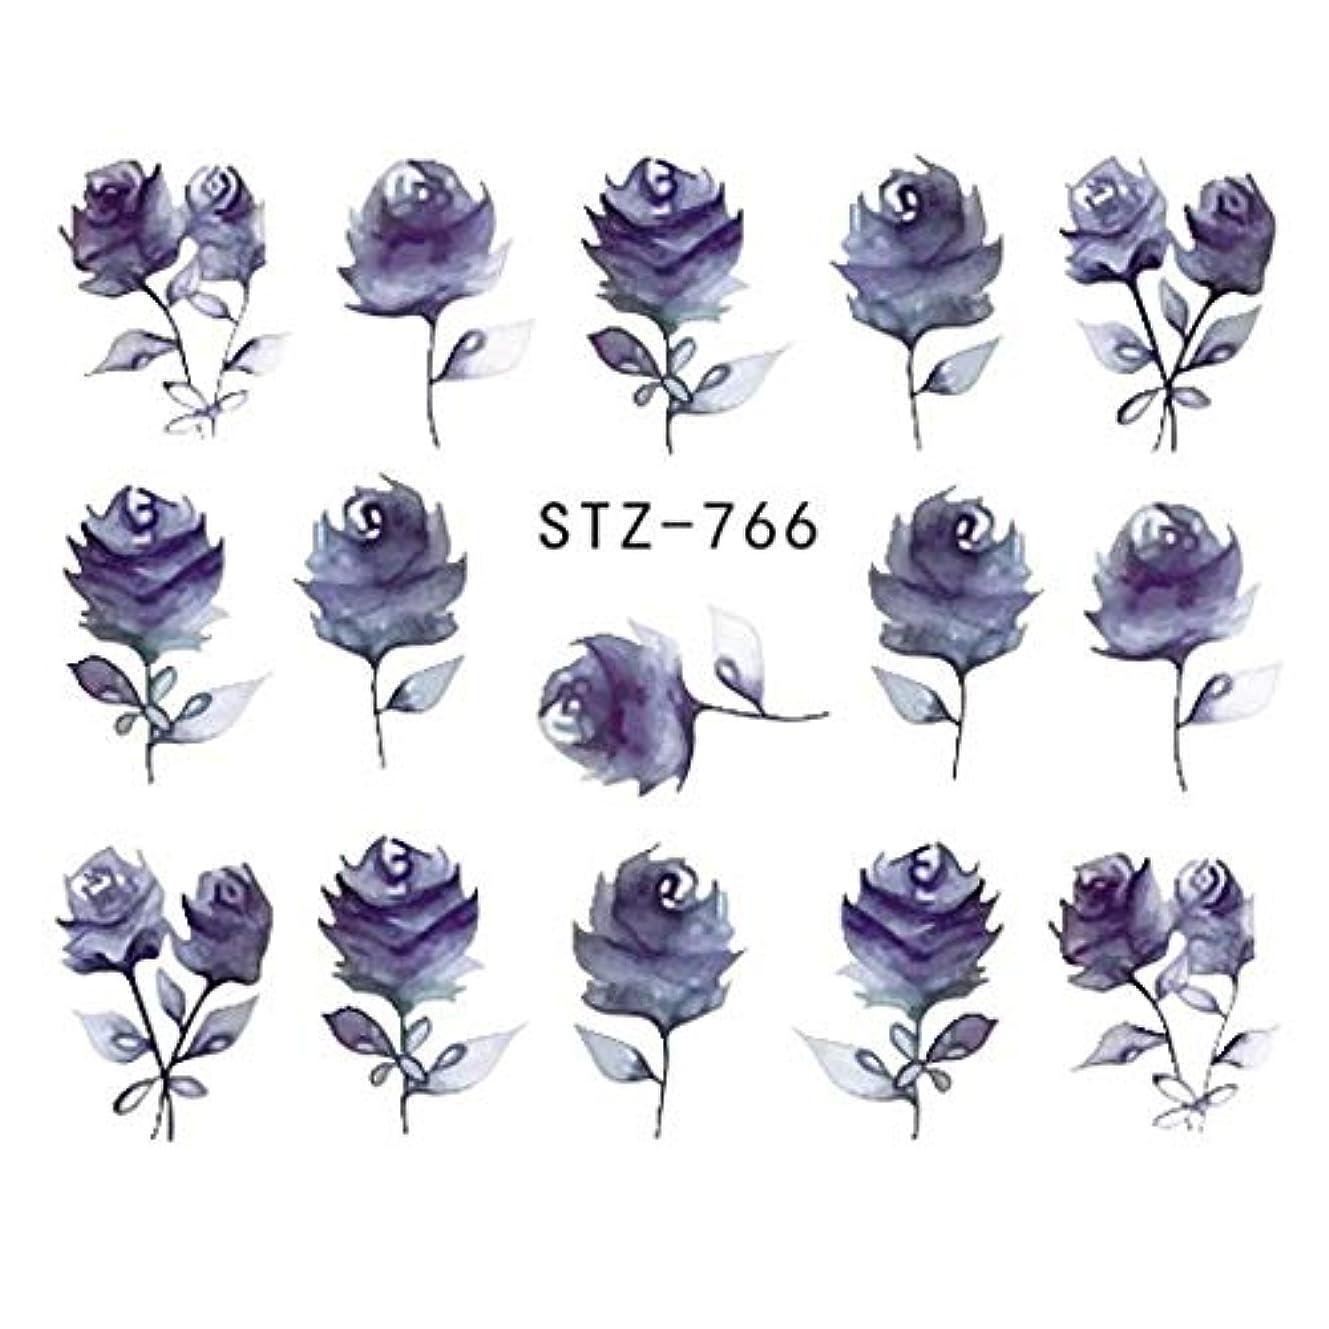 マーティンルーサーキングジュニア抑止する脇にSUKTI&XIAO ネイルステッカー 完全な美1シートの宝石類の釘のステッカーの黒い花のステッカーのマニキュアの水移動のスライダーホイルの設計装飾、Stz-766